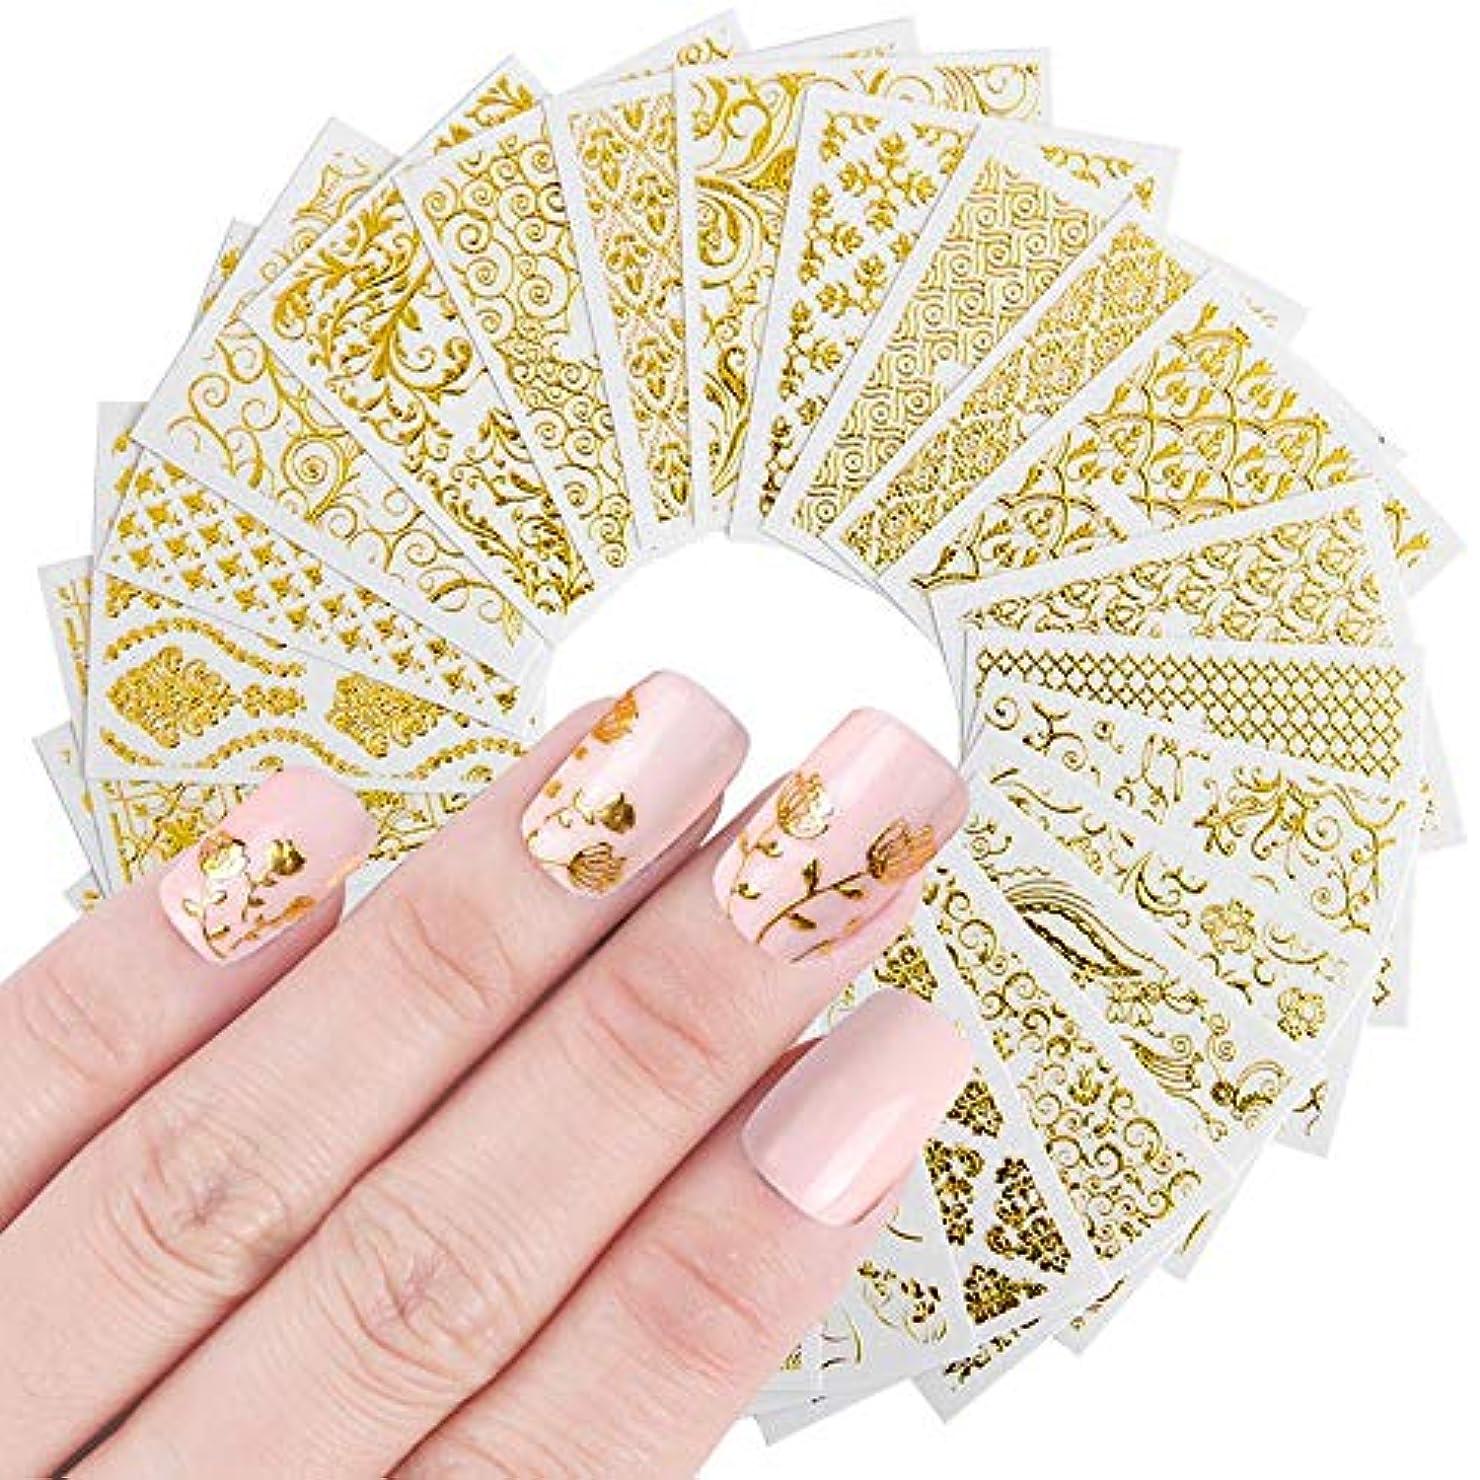 廃止するディレクトリ上下するKingsie ネイルシール 20枚セット ゴールド 貼るだけでいい 3D 金色 ネイルステッカー マニキュア ネイルアート デコレーション レジン